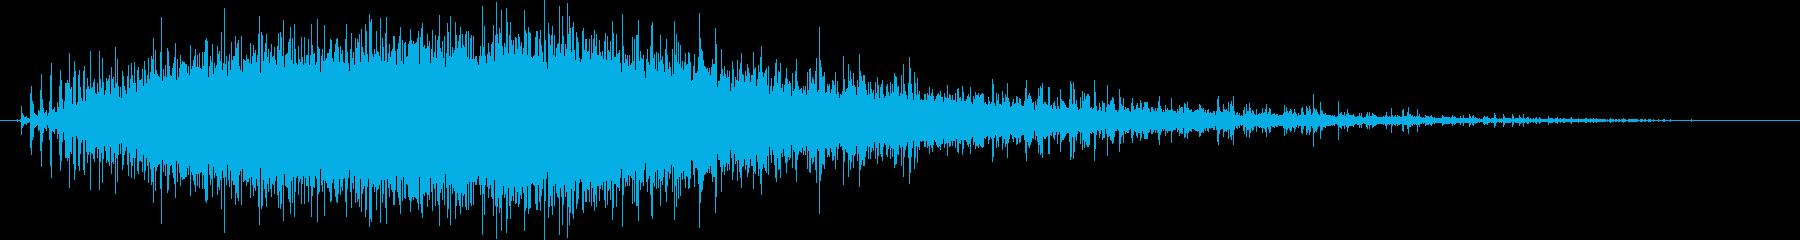 キュイーン(電動ドリルの音)mediumの再生済みの波形